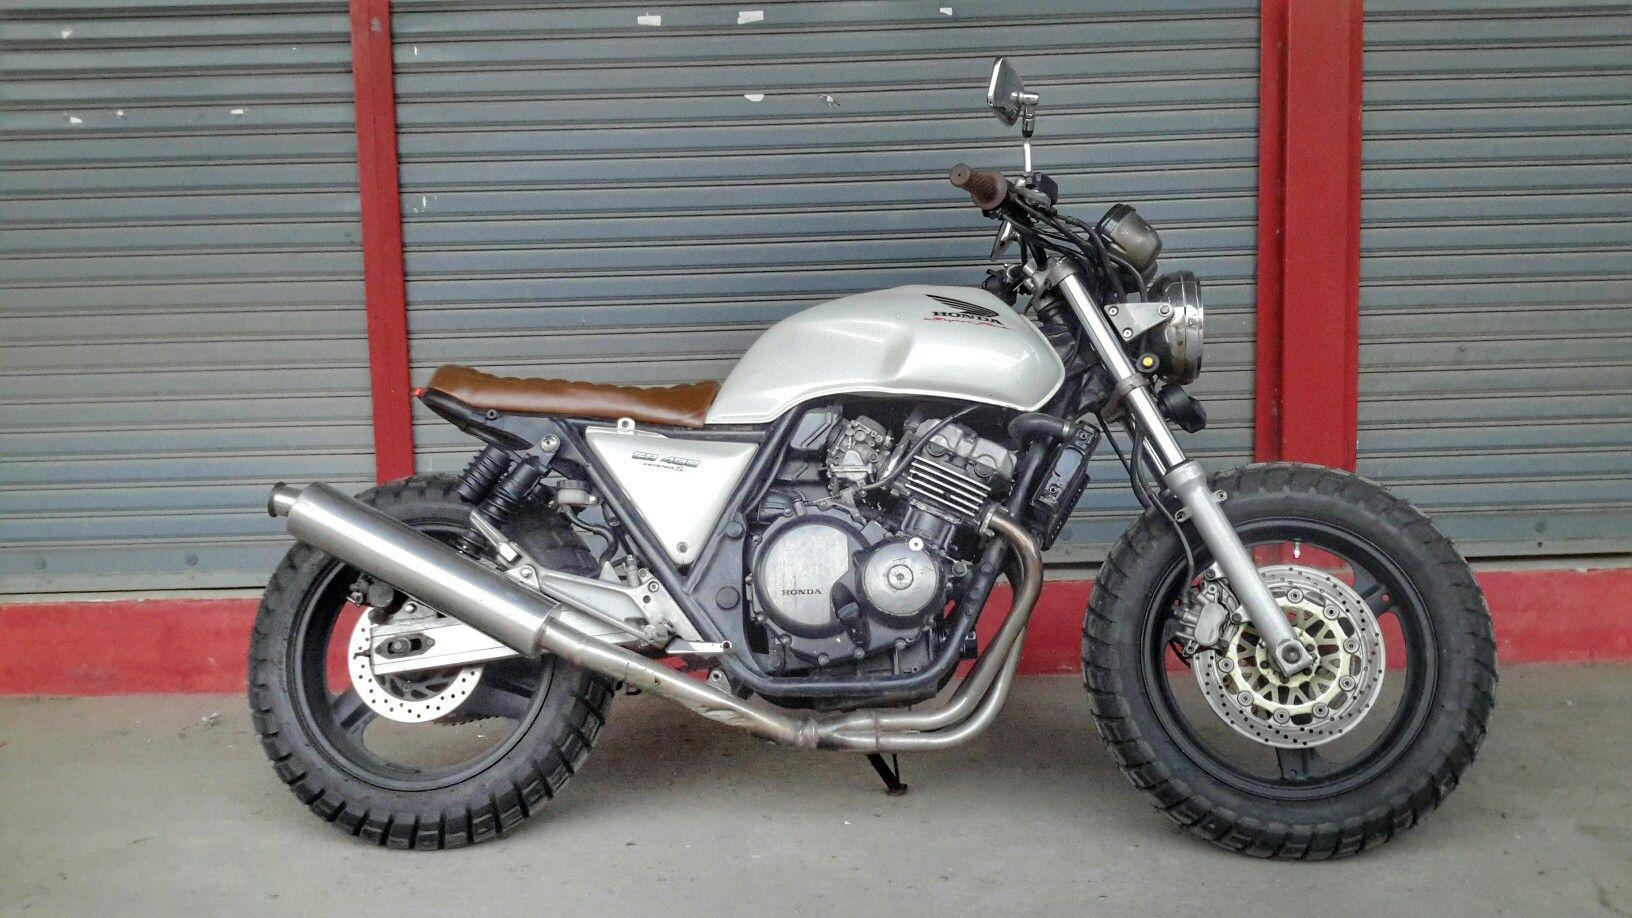 Honda CB 400 SF Super Four 199...